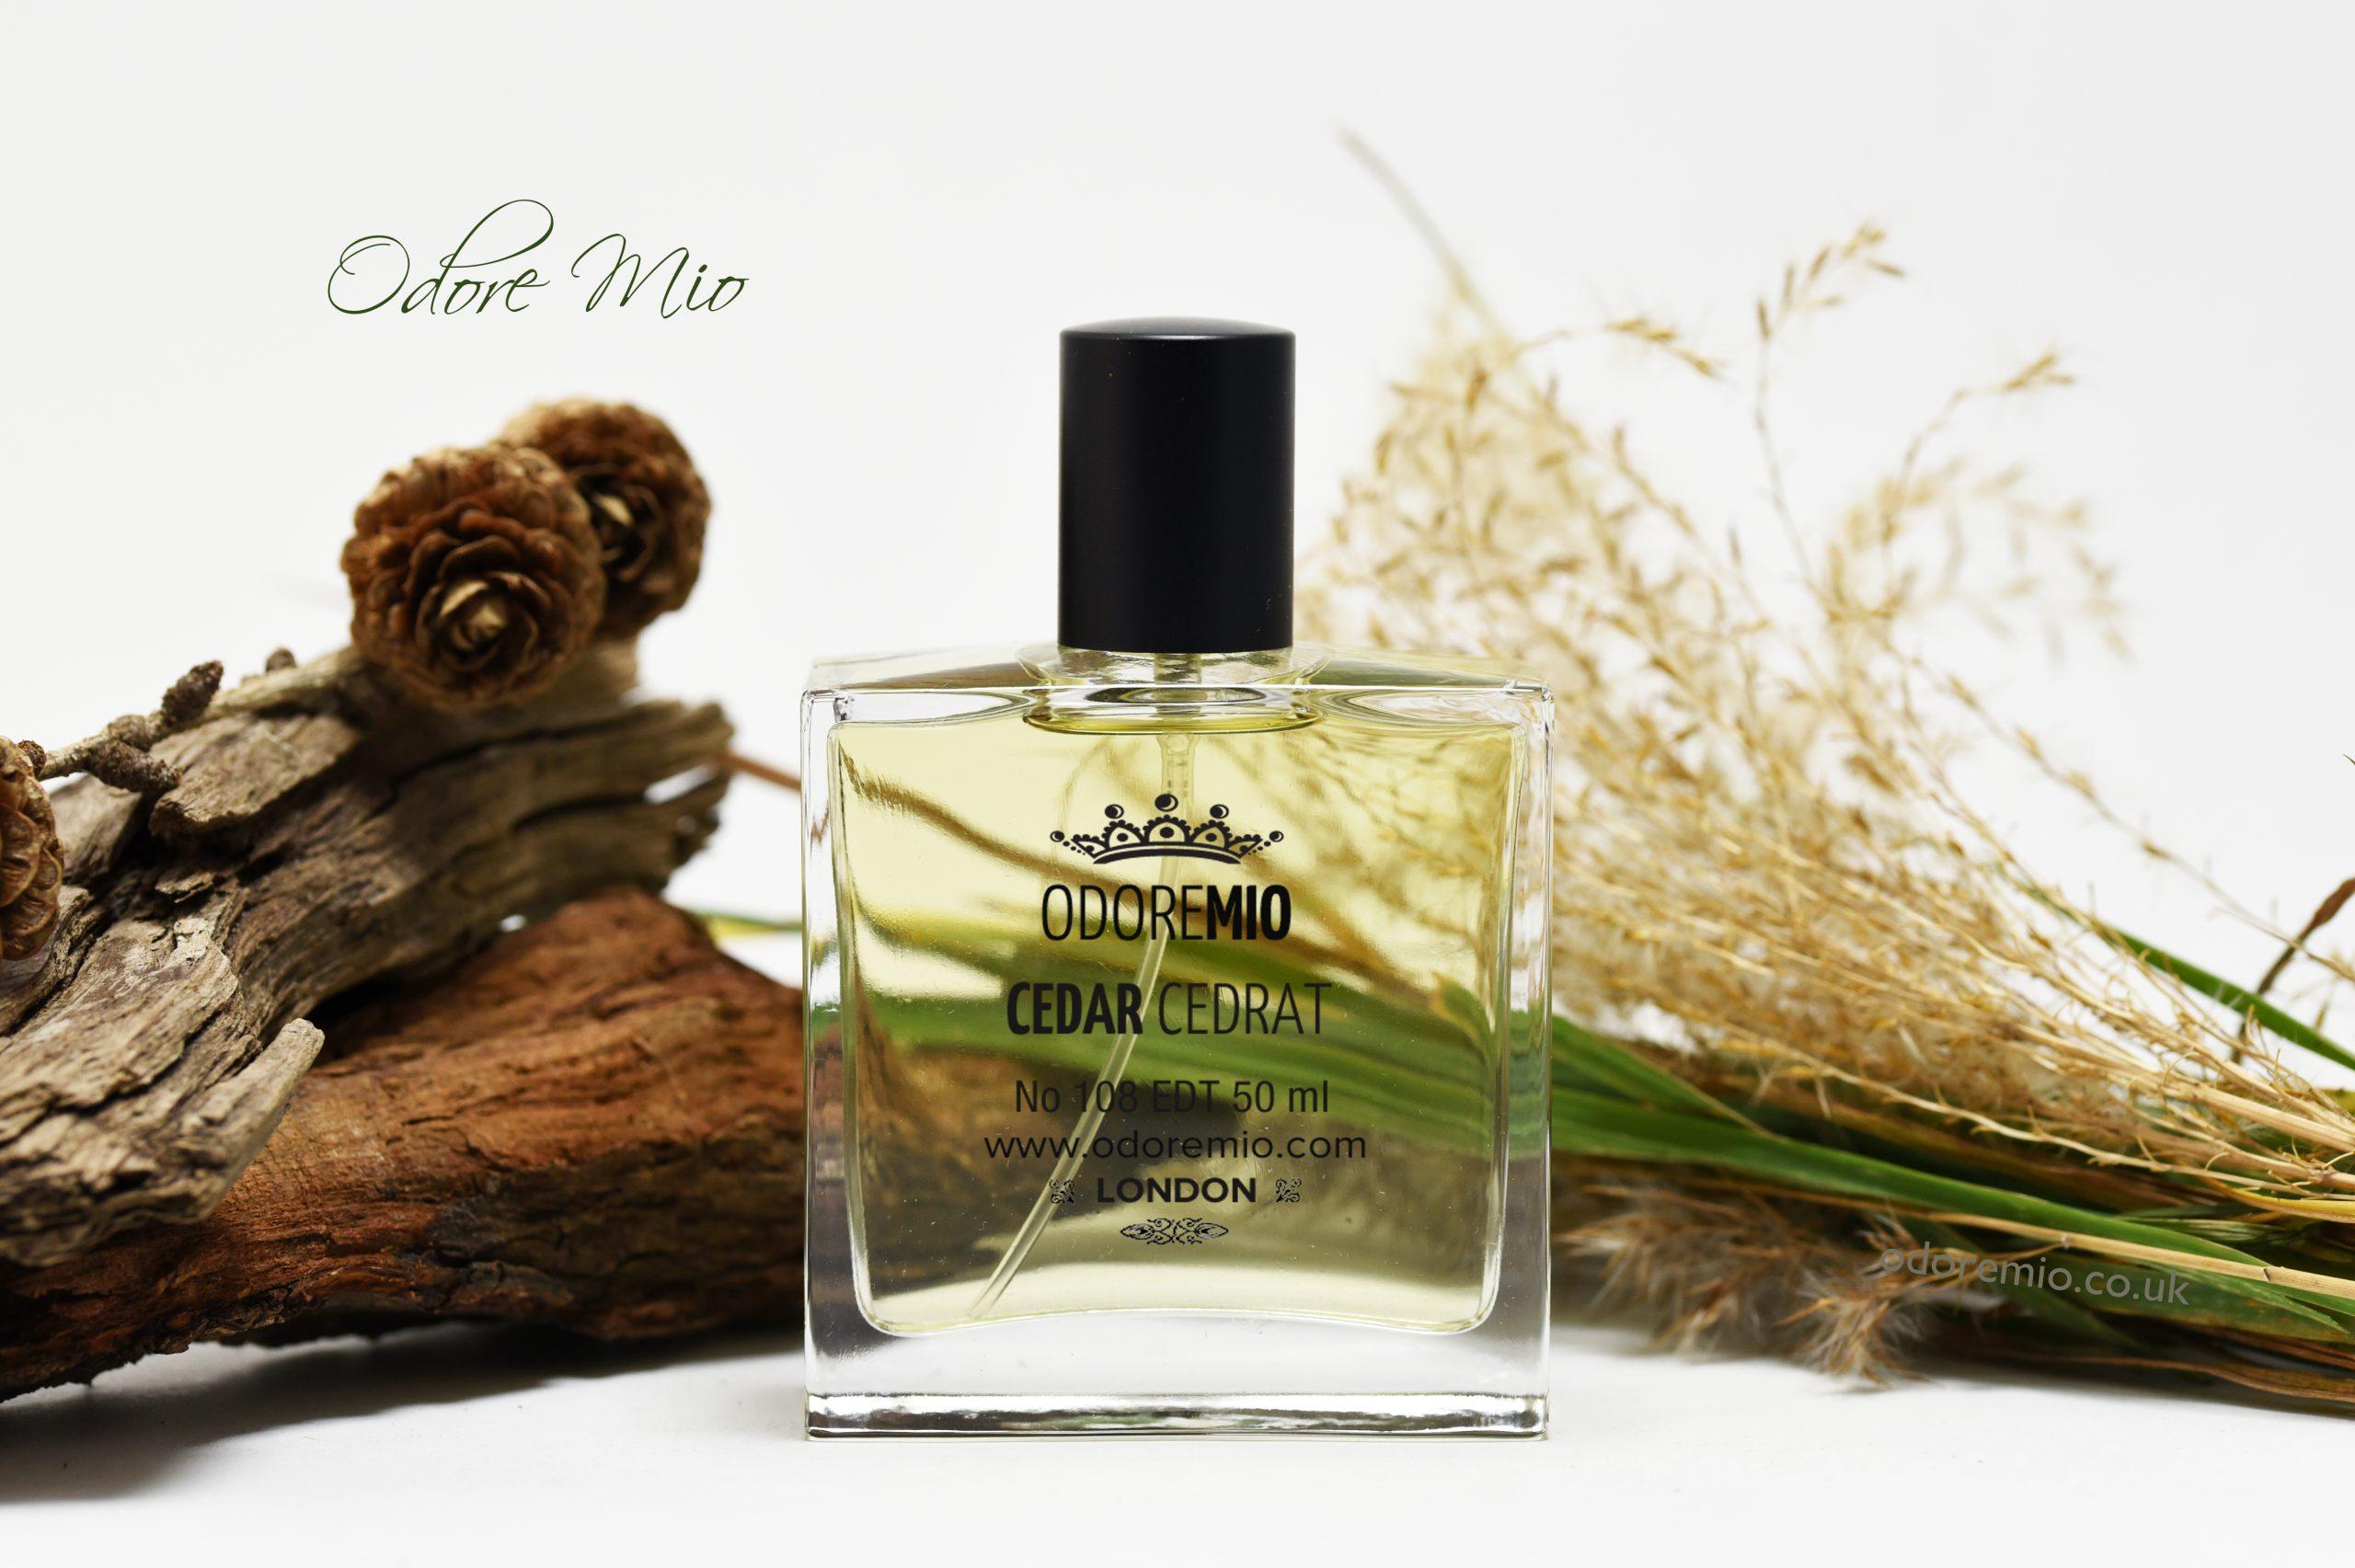 Odore Mio Cedar Cedrat Perfume